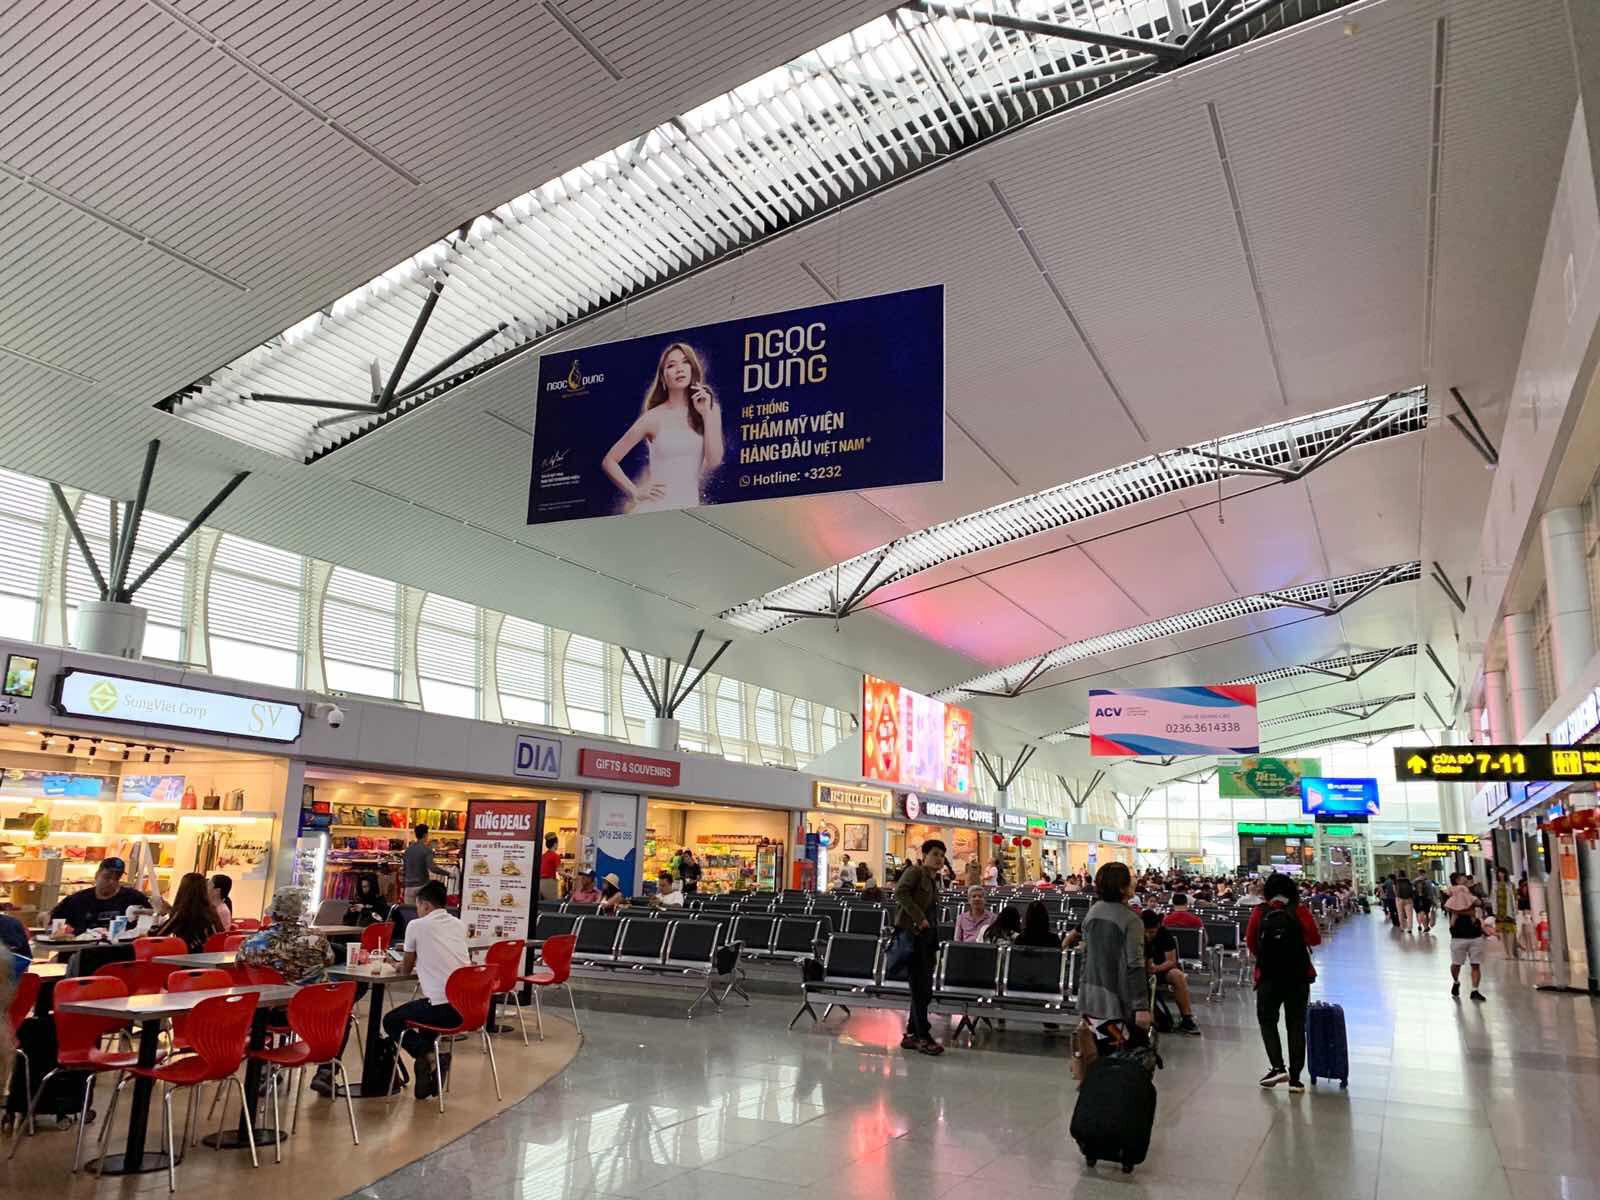 Mỹ Tâm chiếm trọn spotlight từ sân bay ra đến ngoài phố nơi đâu cũng thấy quảng cáo chị đẹp - Ảnh 2.